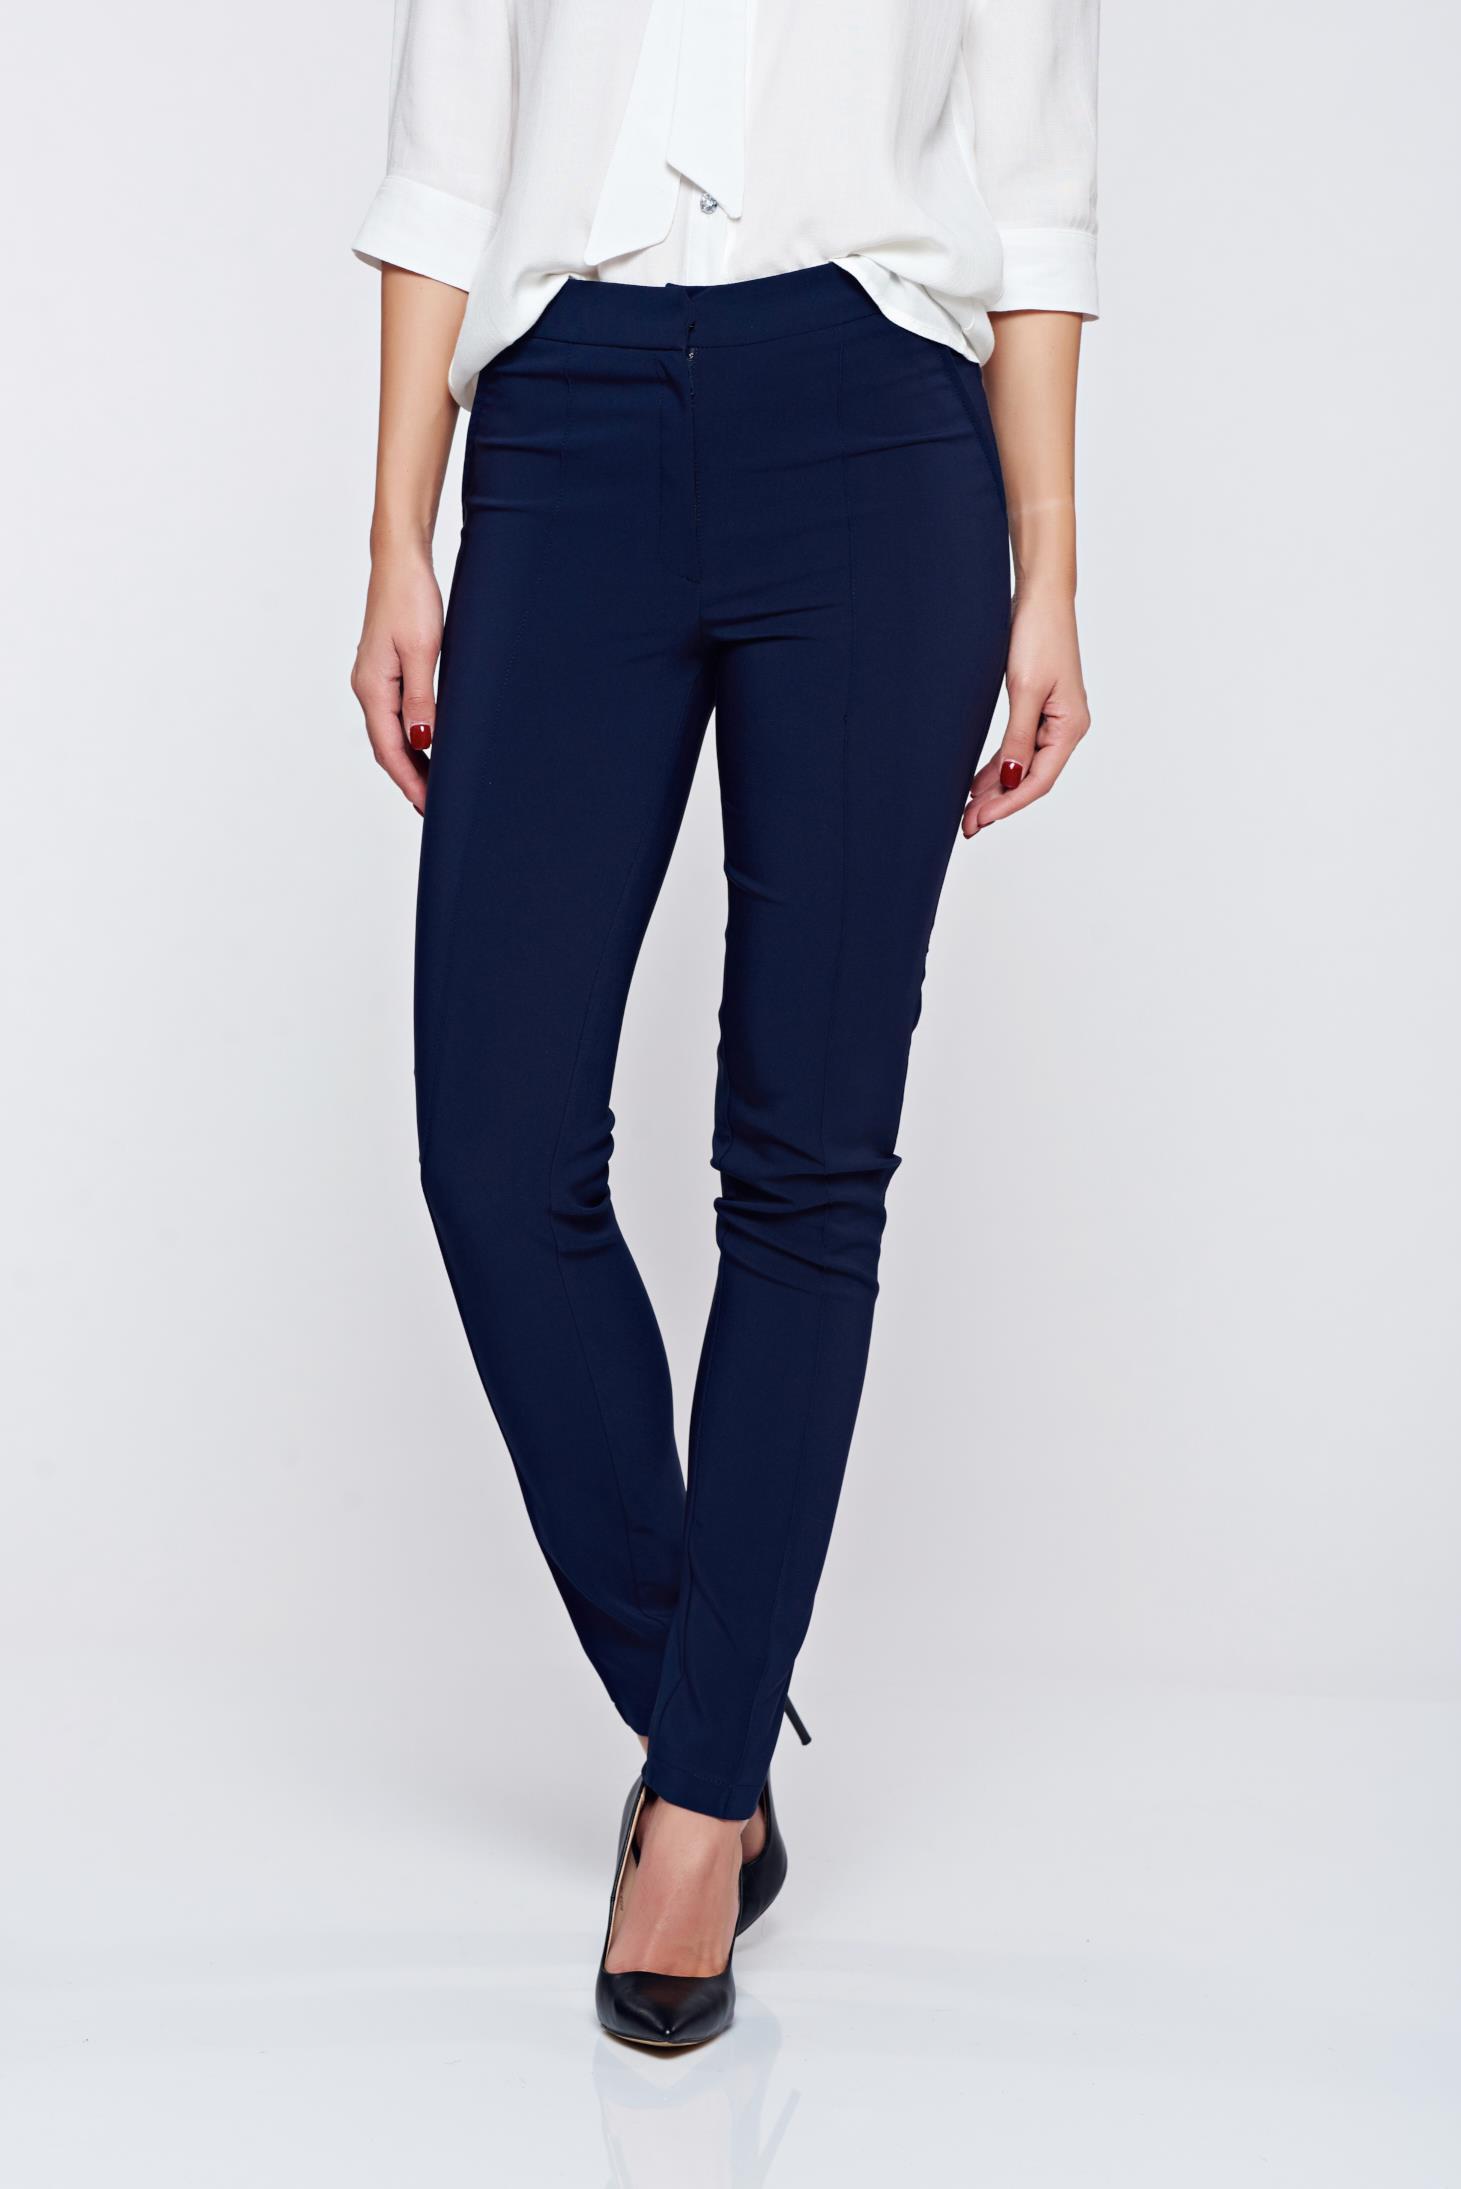 Pantaloni LaDonna albastru-inchis office conici cu buzunare